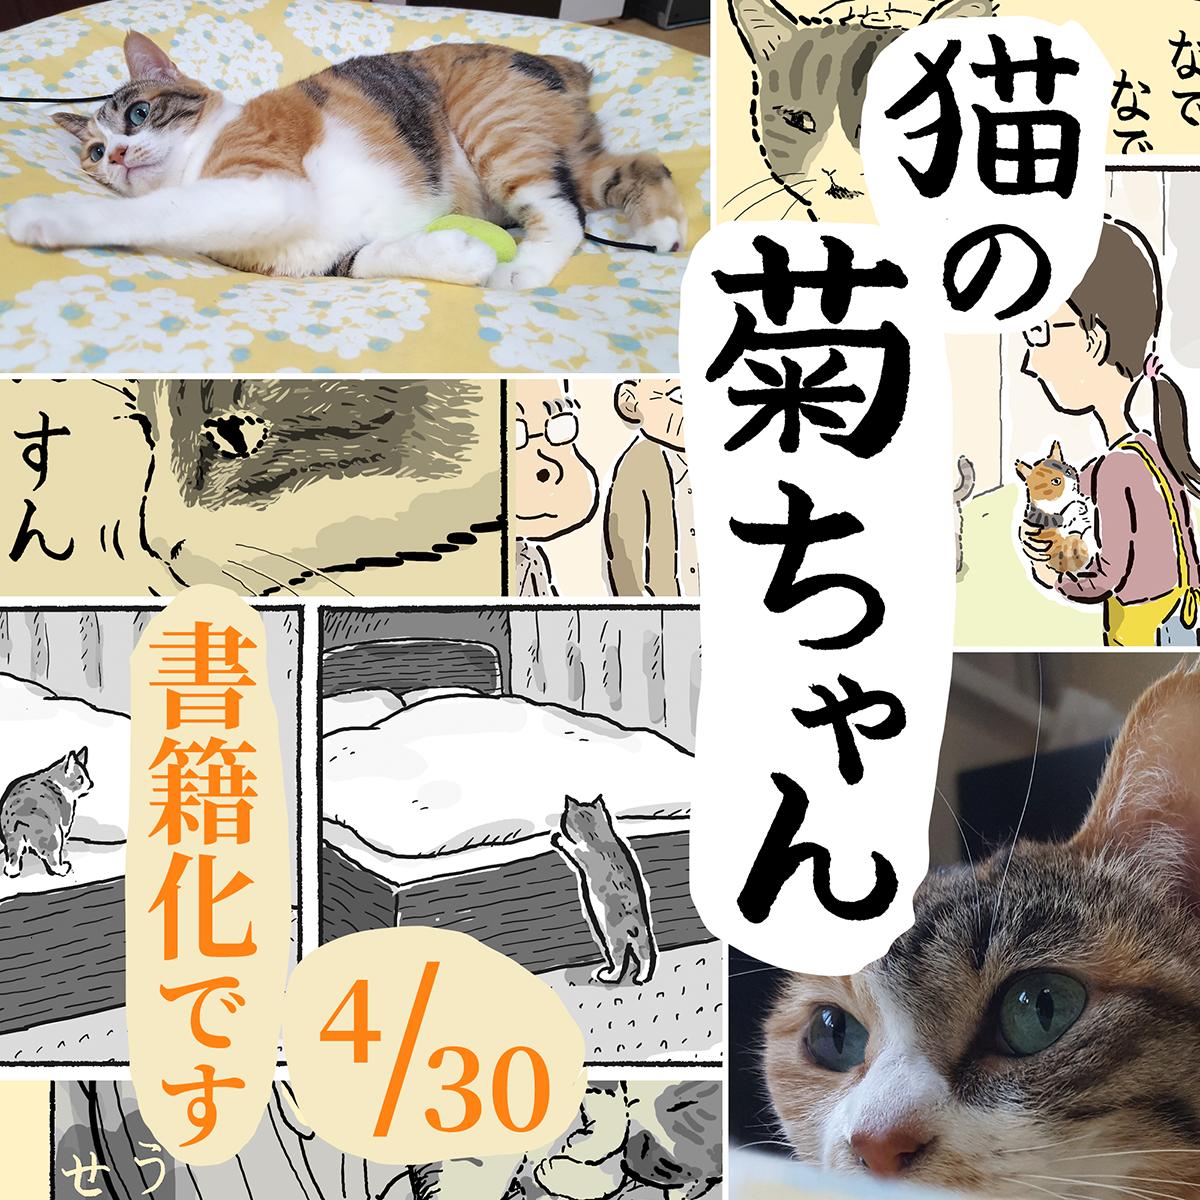 【お知らせです】いつも皆さまが見てくださり、菊ちゃんの漫画を本にしていただけることになりました!題名は『猫の菊ちゃん』です。描き下ろし漫画や、中篇漫画の「菊ちゃんが初めて家に来た日」も載せていただきました。予約受付中です(4/30 発売)→#猫の菊ちゃん